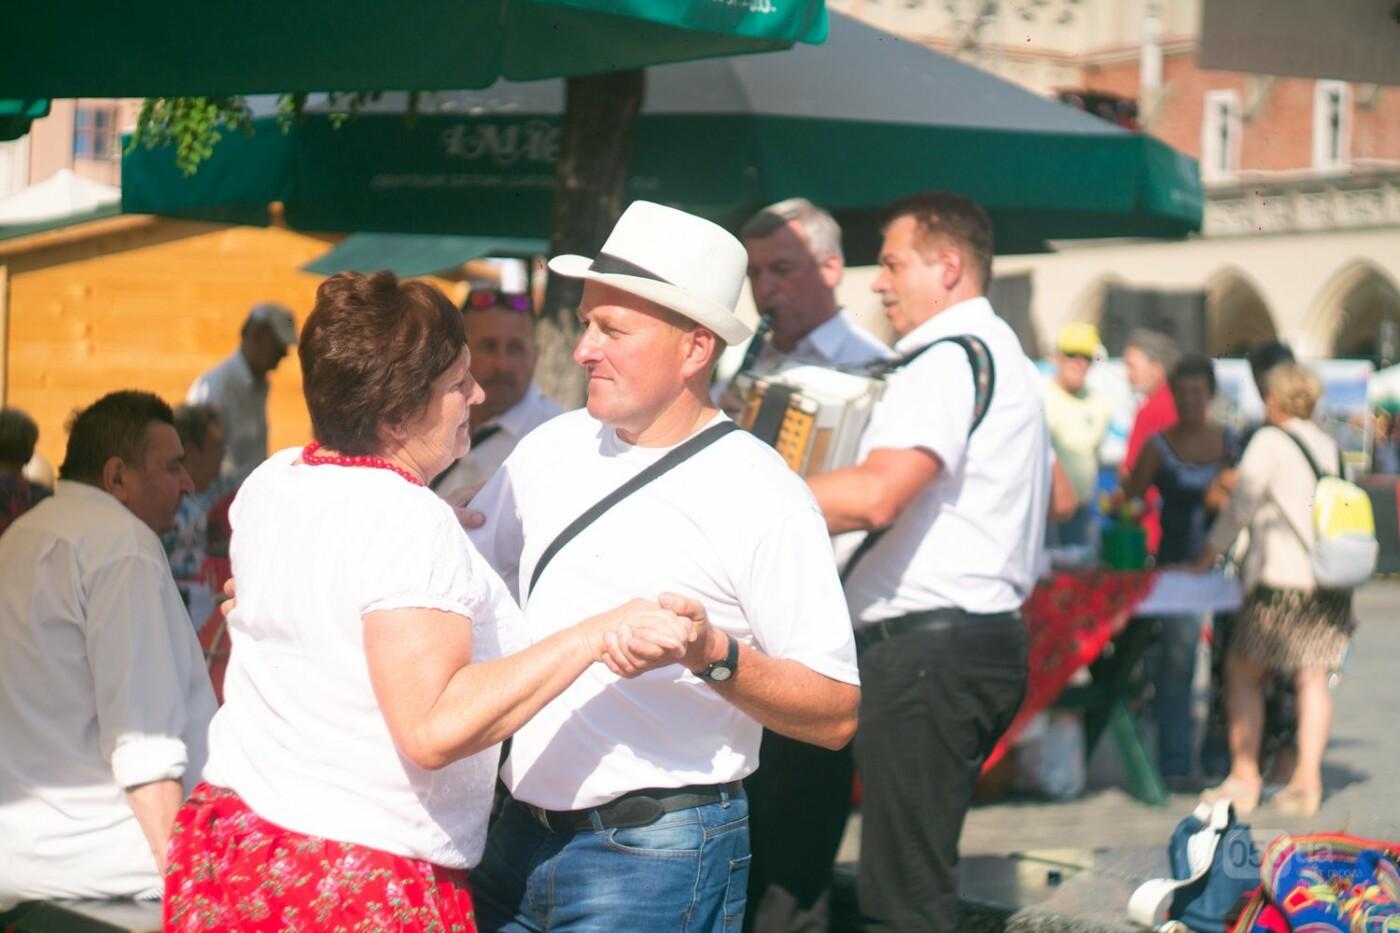 Приехать в Польшу и влюбиться, часть 1: мини-гайд по Кракову о жилье, транспорте и развлечениях, и экскурсия в Аушвиц-Биркенау , - ФОТО, фото-12